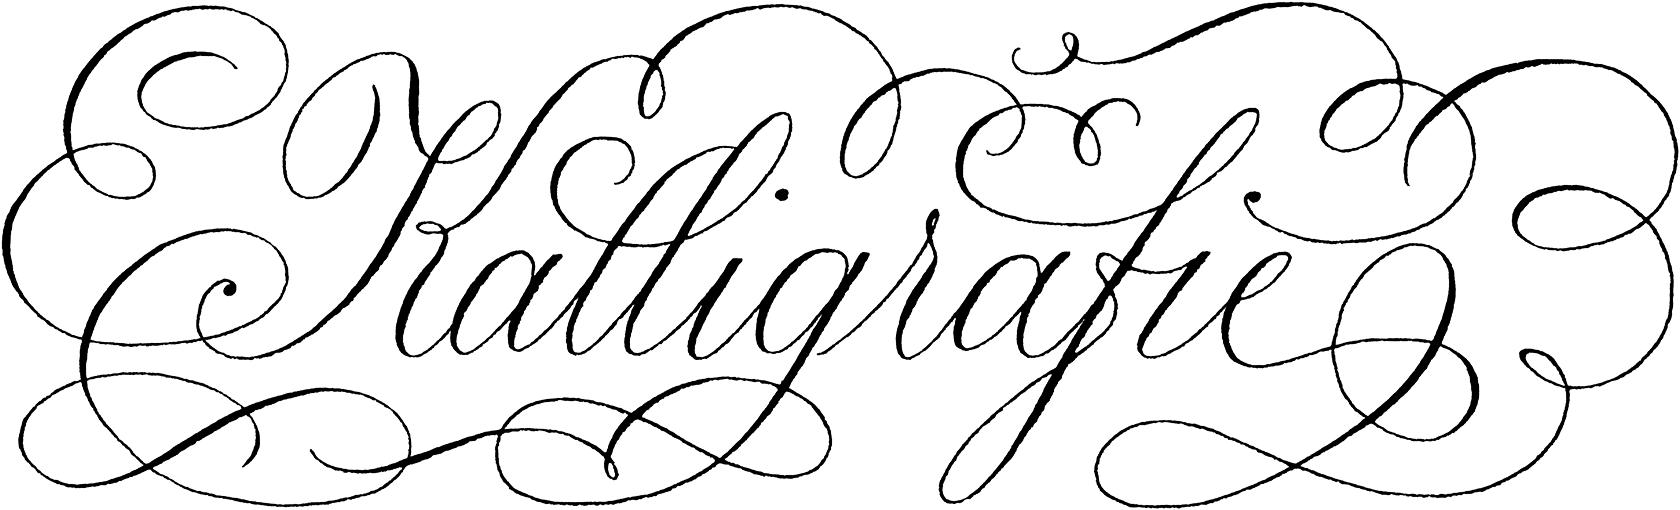 Federflug Kalligrafie :: Lernen | Workshops :: Calligraphy ...